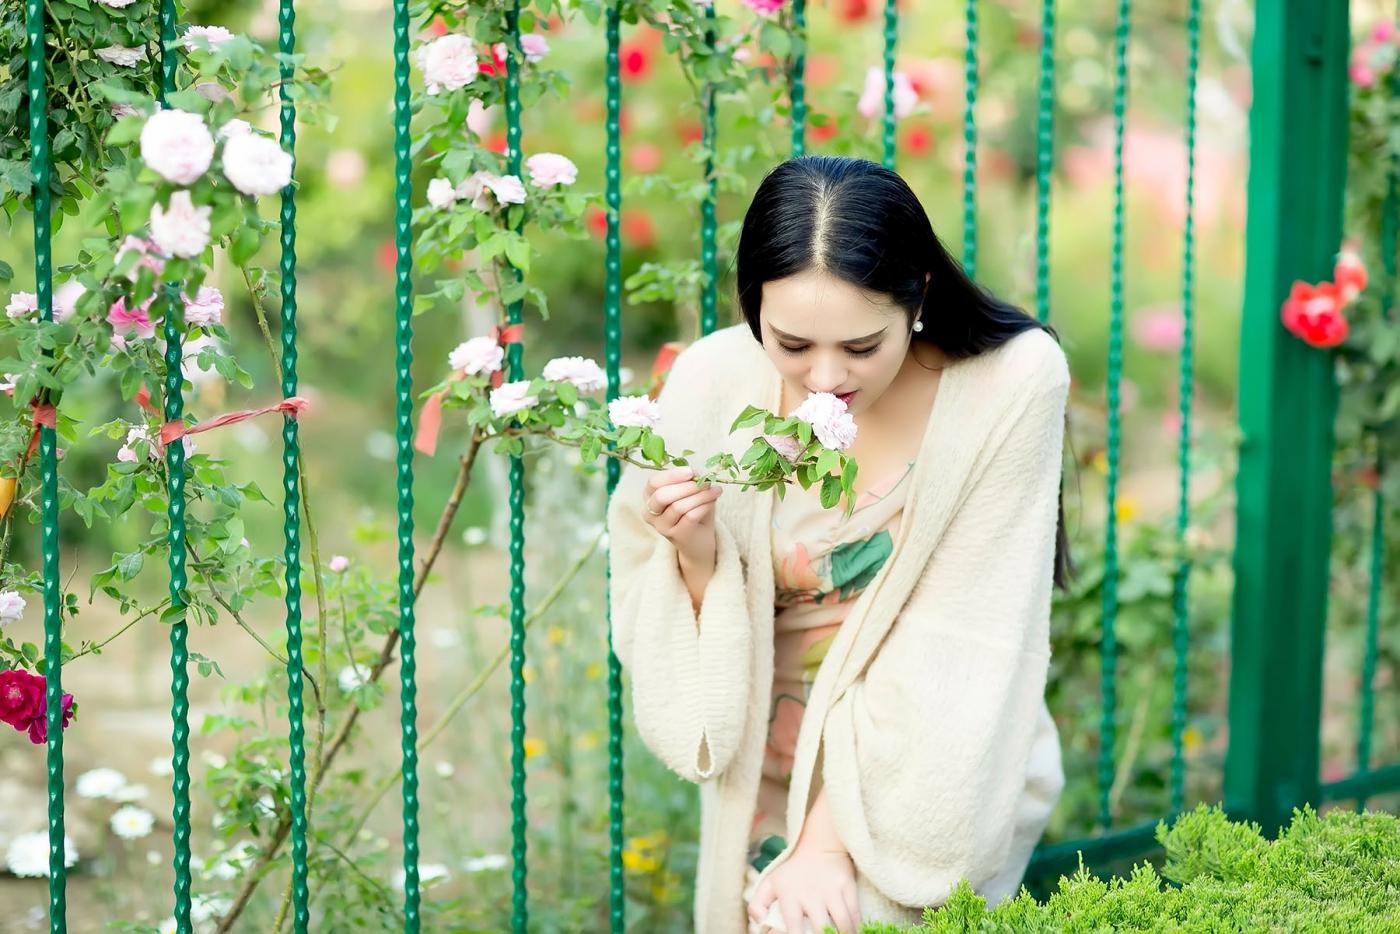 蔷薇·阳光·女孩 去见你想见的人吧_图1-11